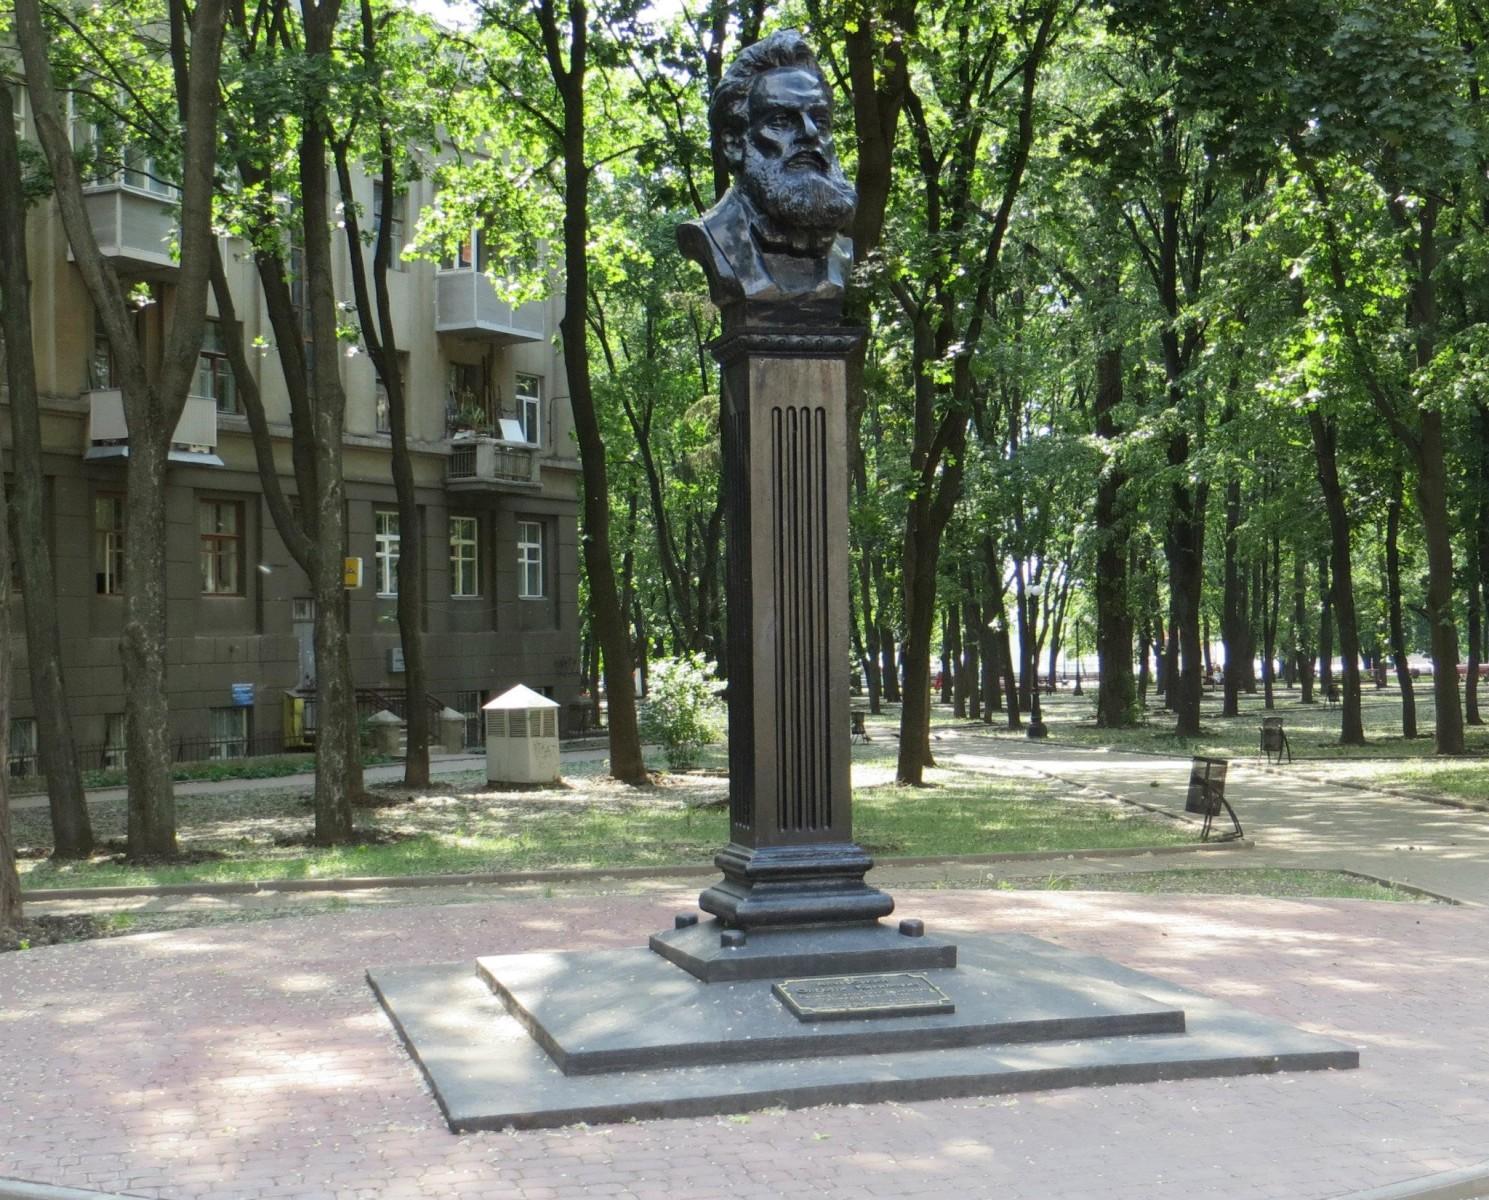 Памятник Алексею Алчевскому. По замыслу скульптора Стрельникова, Алчевский, монумент которому стоит на углу улиц Мироносицкой и Совнаркомовской, как бы смотрит на свою бывшую усадьбу, находящуюся в 20 метрах от него